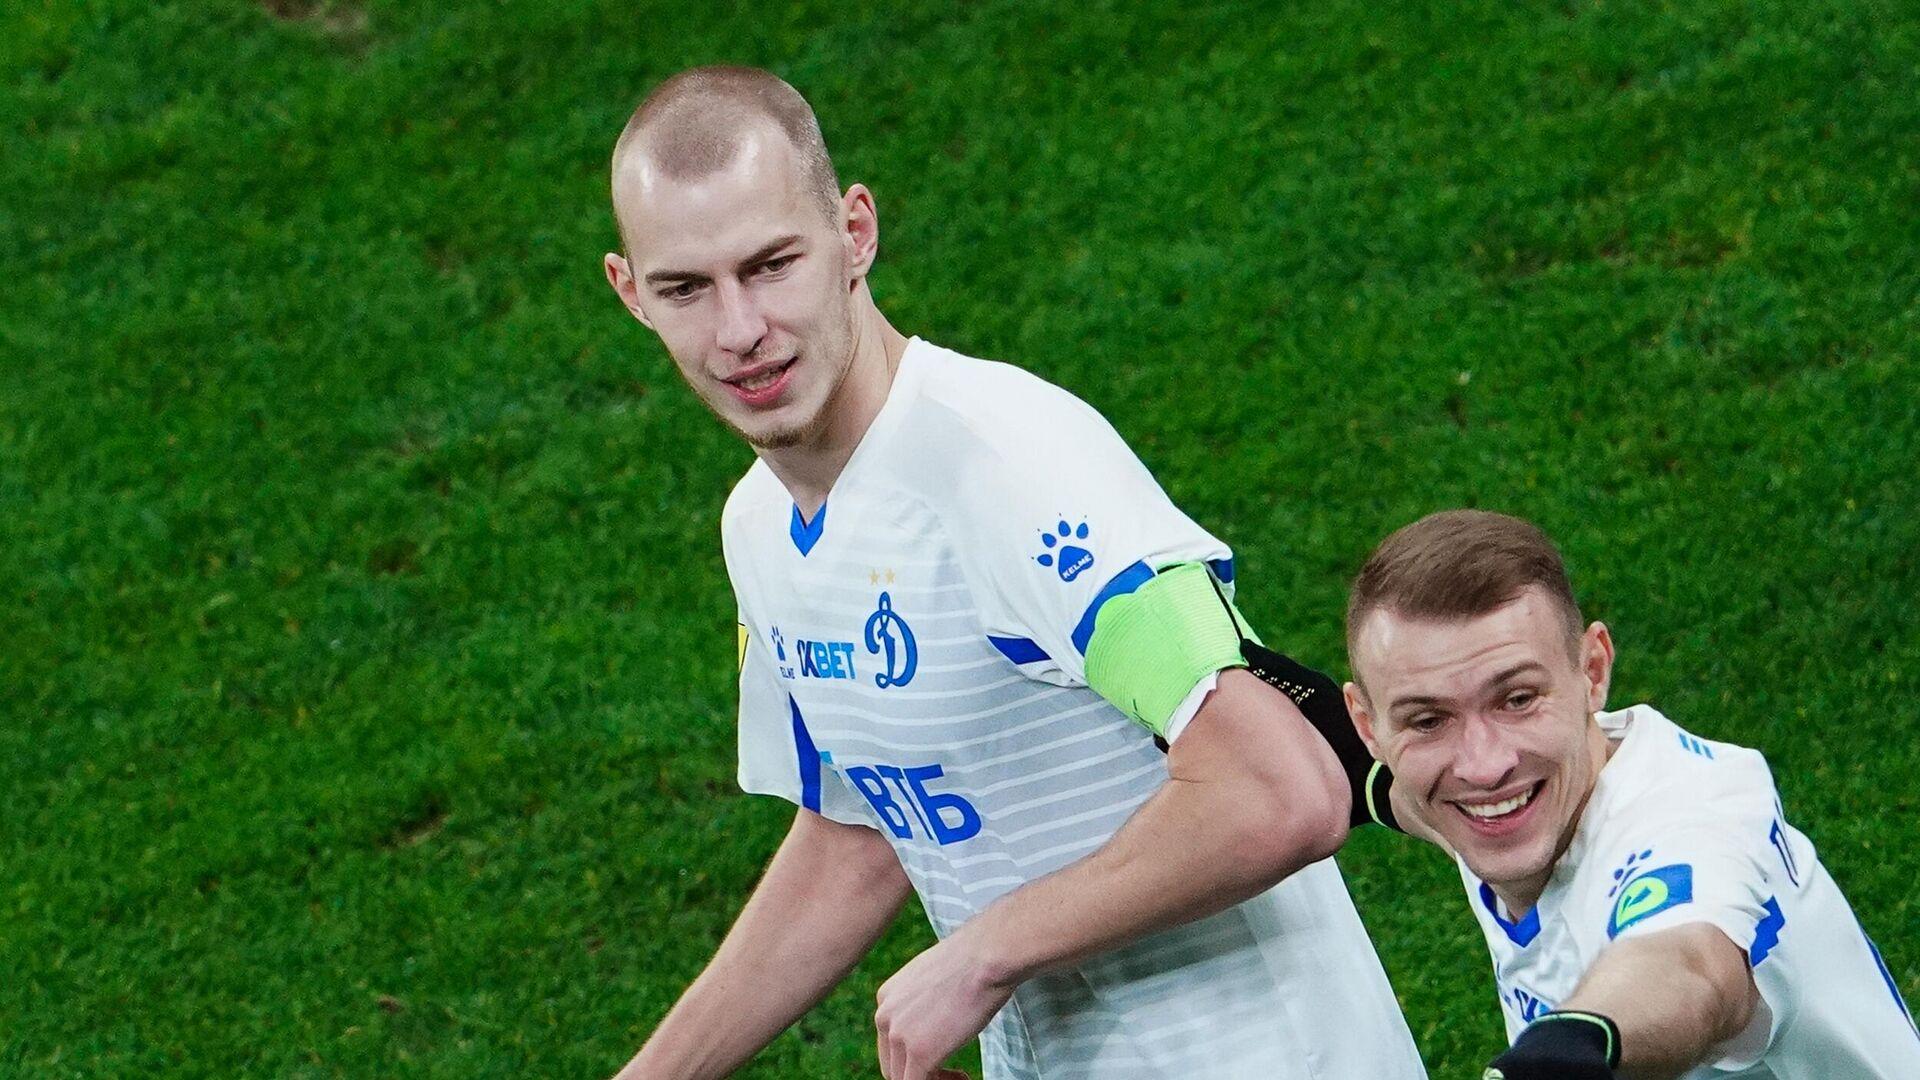 Игроки Динамо Роман Евгеньев (слева) и Сергей Паршивлюк - РИА Новости, 1920, 11.06.2021